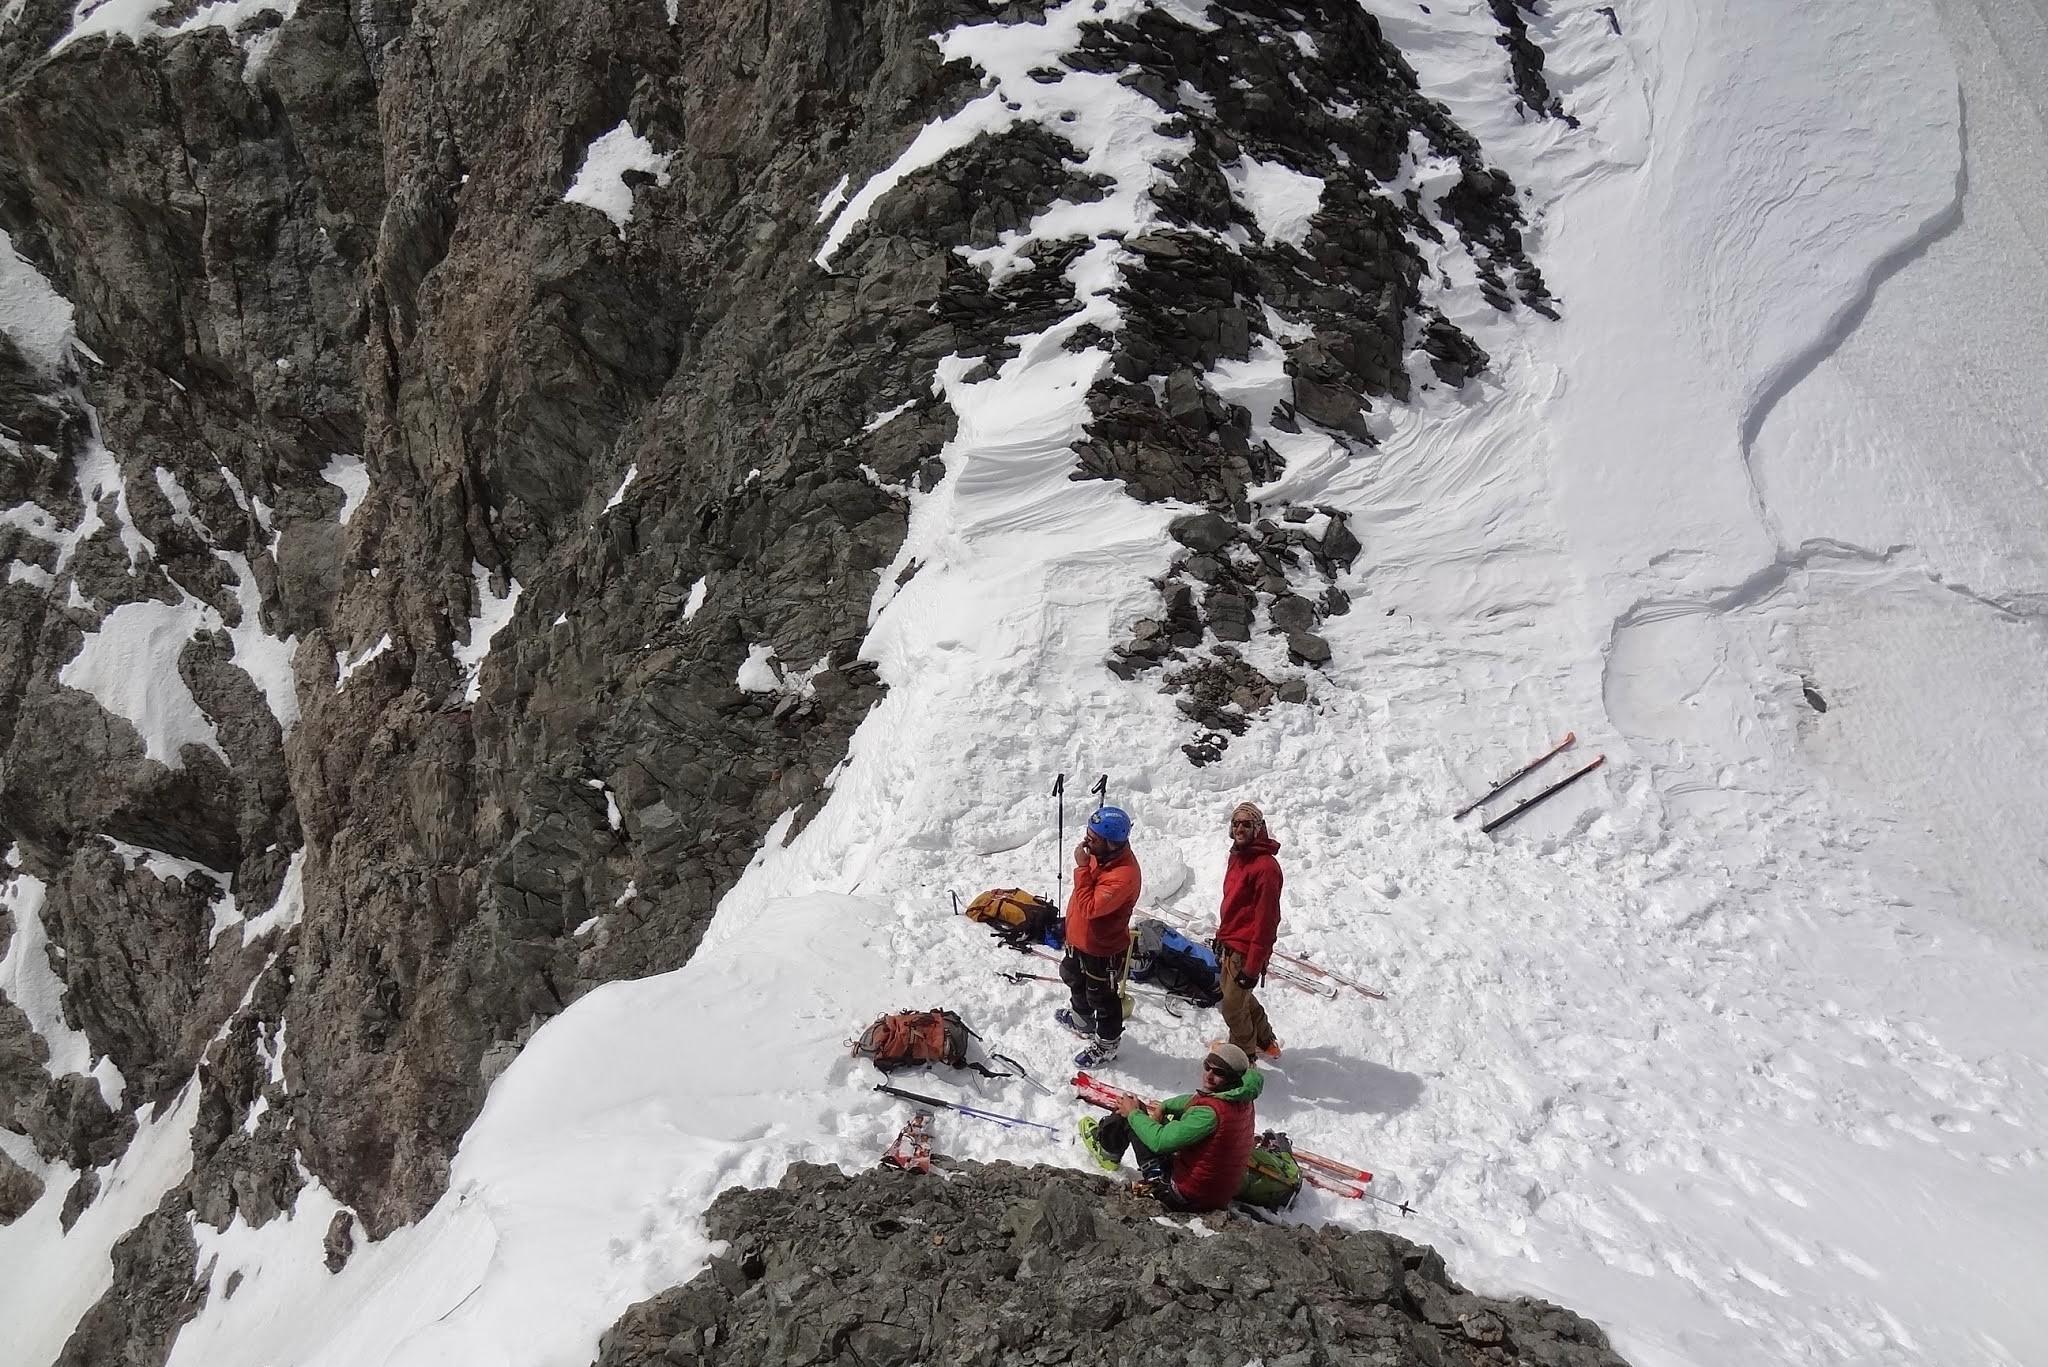 Au col de la grande sagne aprés avoir remontyé le glacier blanc au dessus du près de madame carle